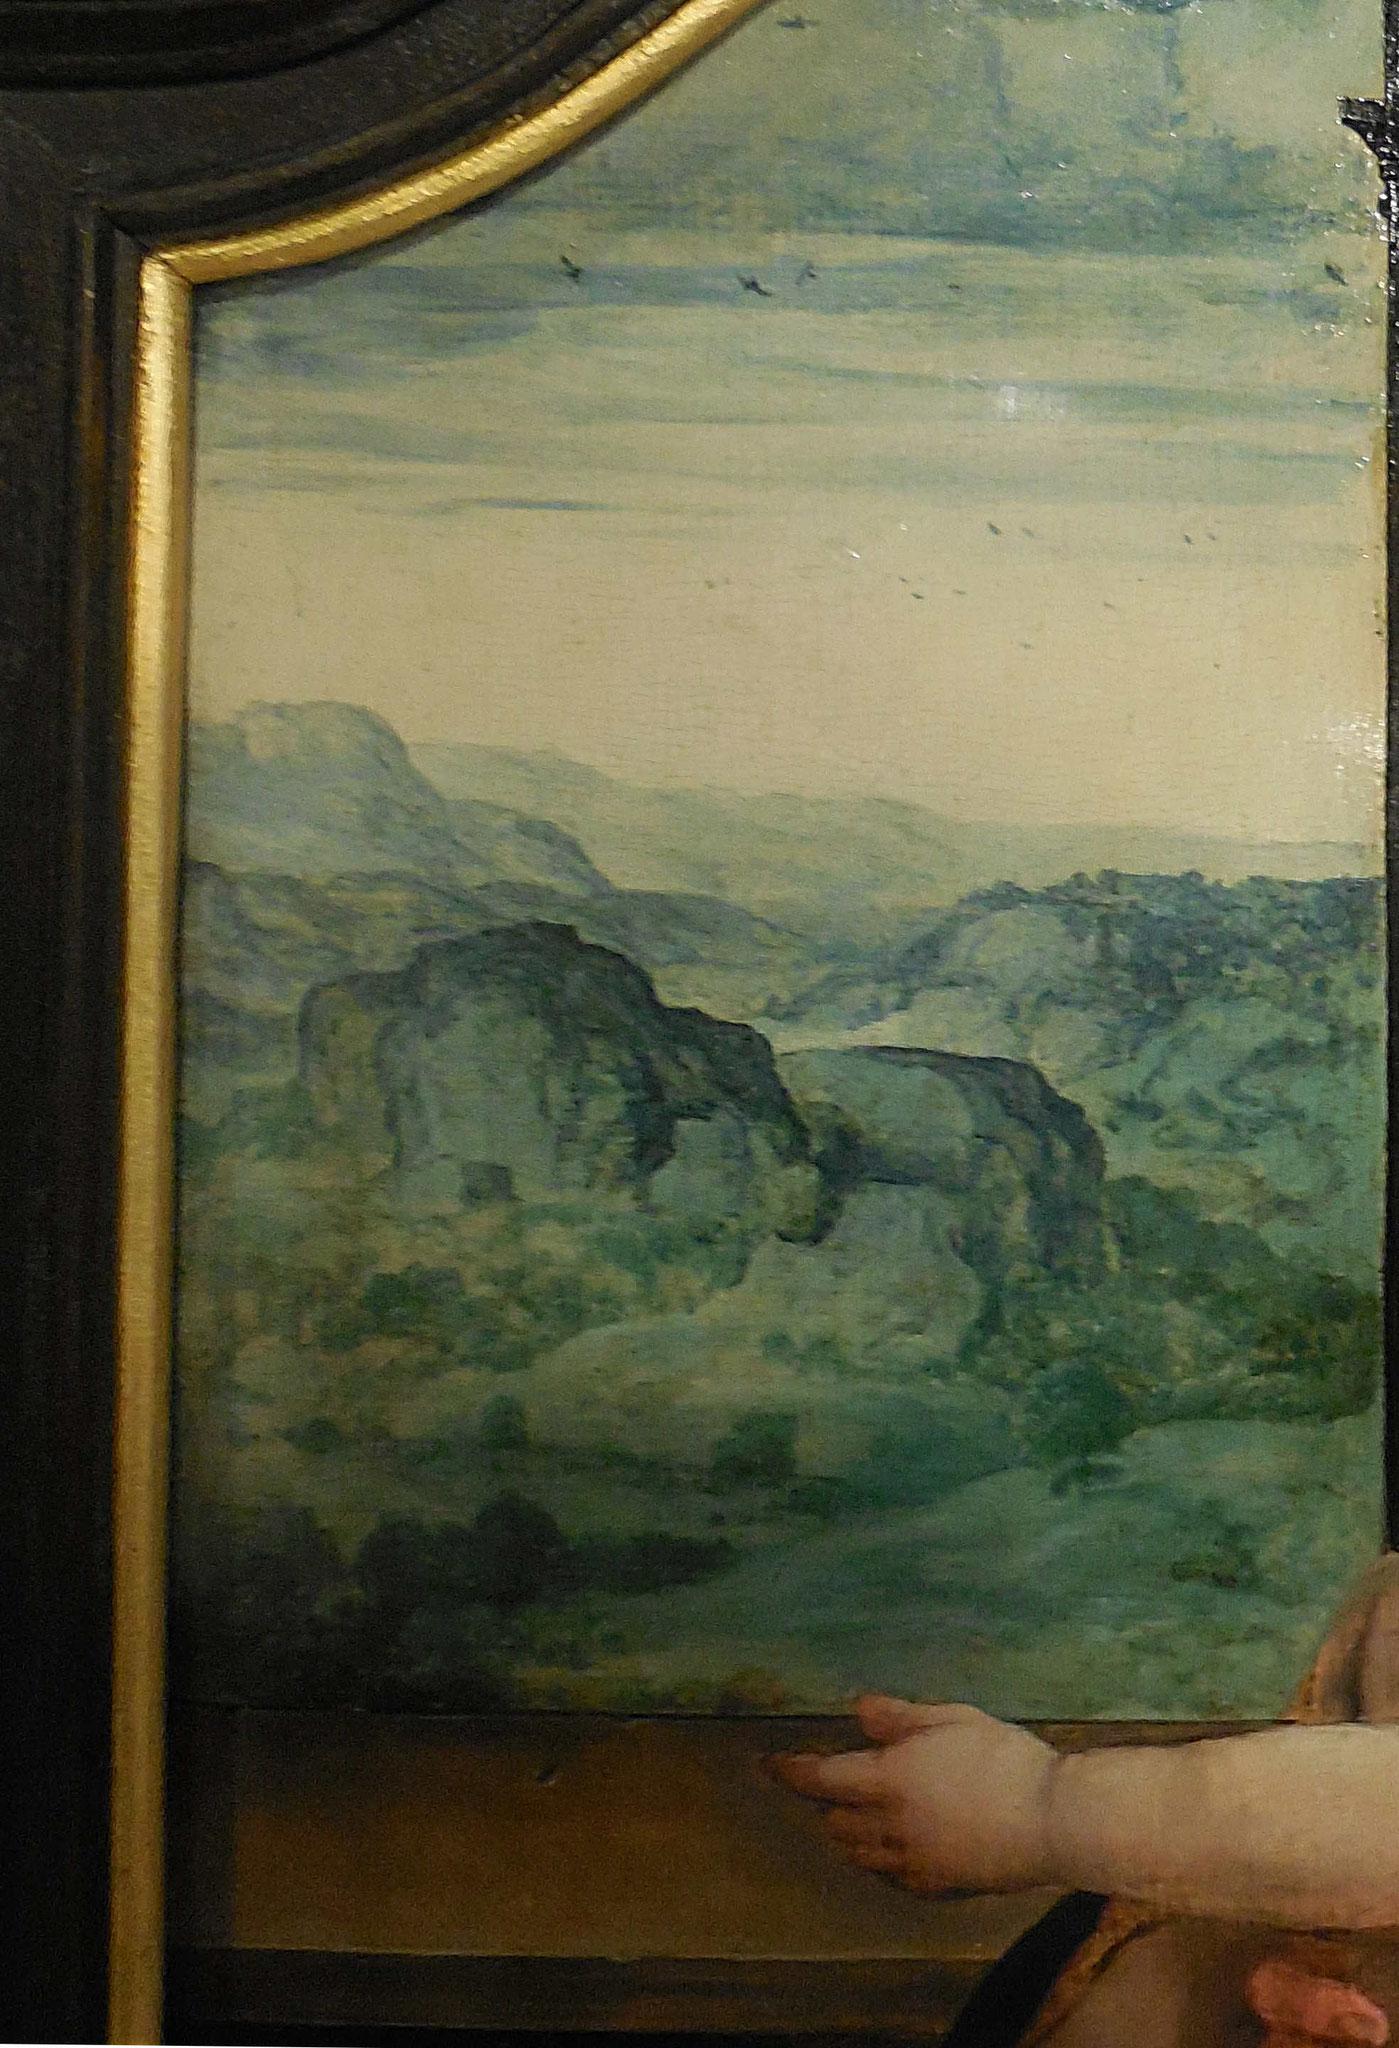 Pieter Coecke van Aelst, Vierge aux cerises, détail du décor : fenêtre avec paysage